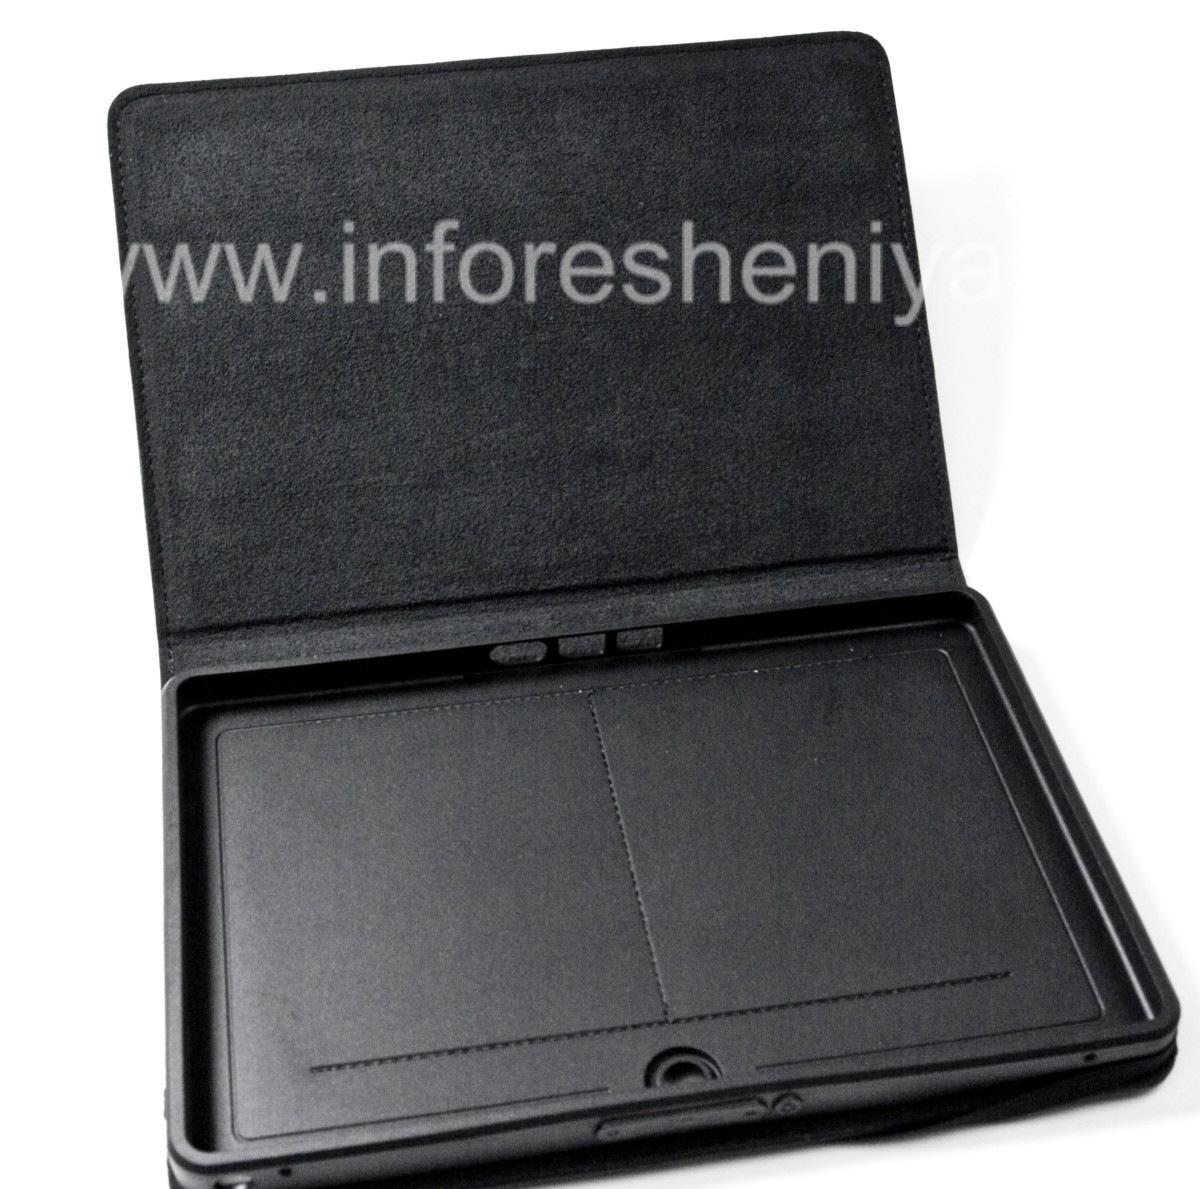 Original Leather Case Folder for Journal Case BlackBerry PlayBook —  Everything for BlackBerry  InfoResheniya / bbry net